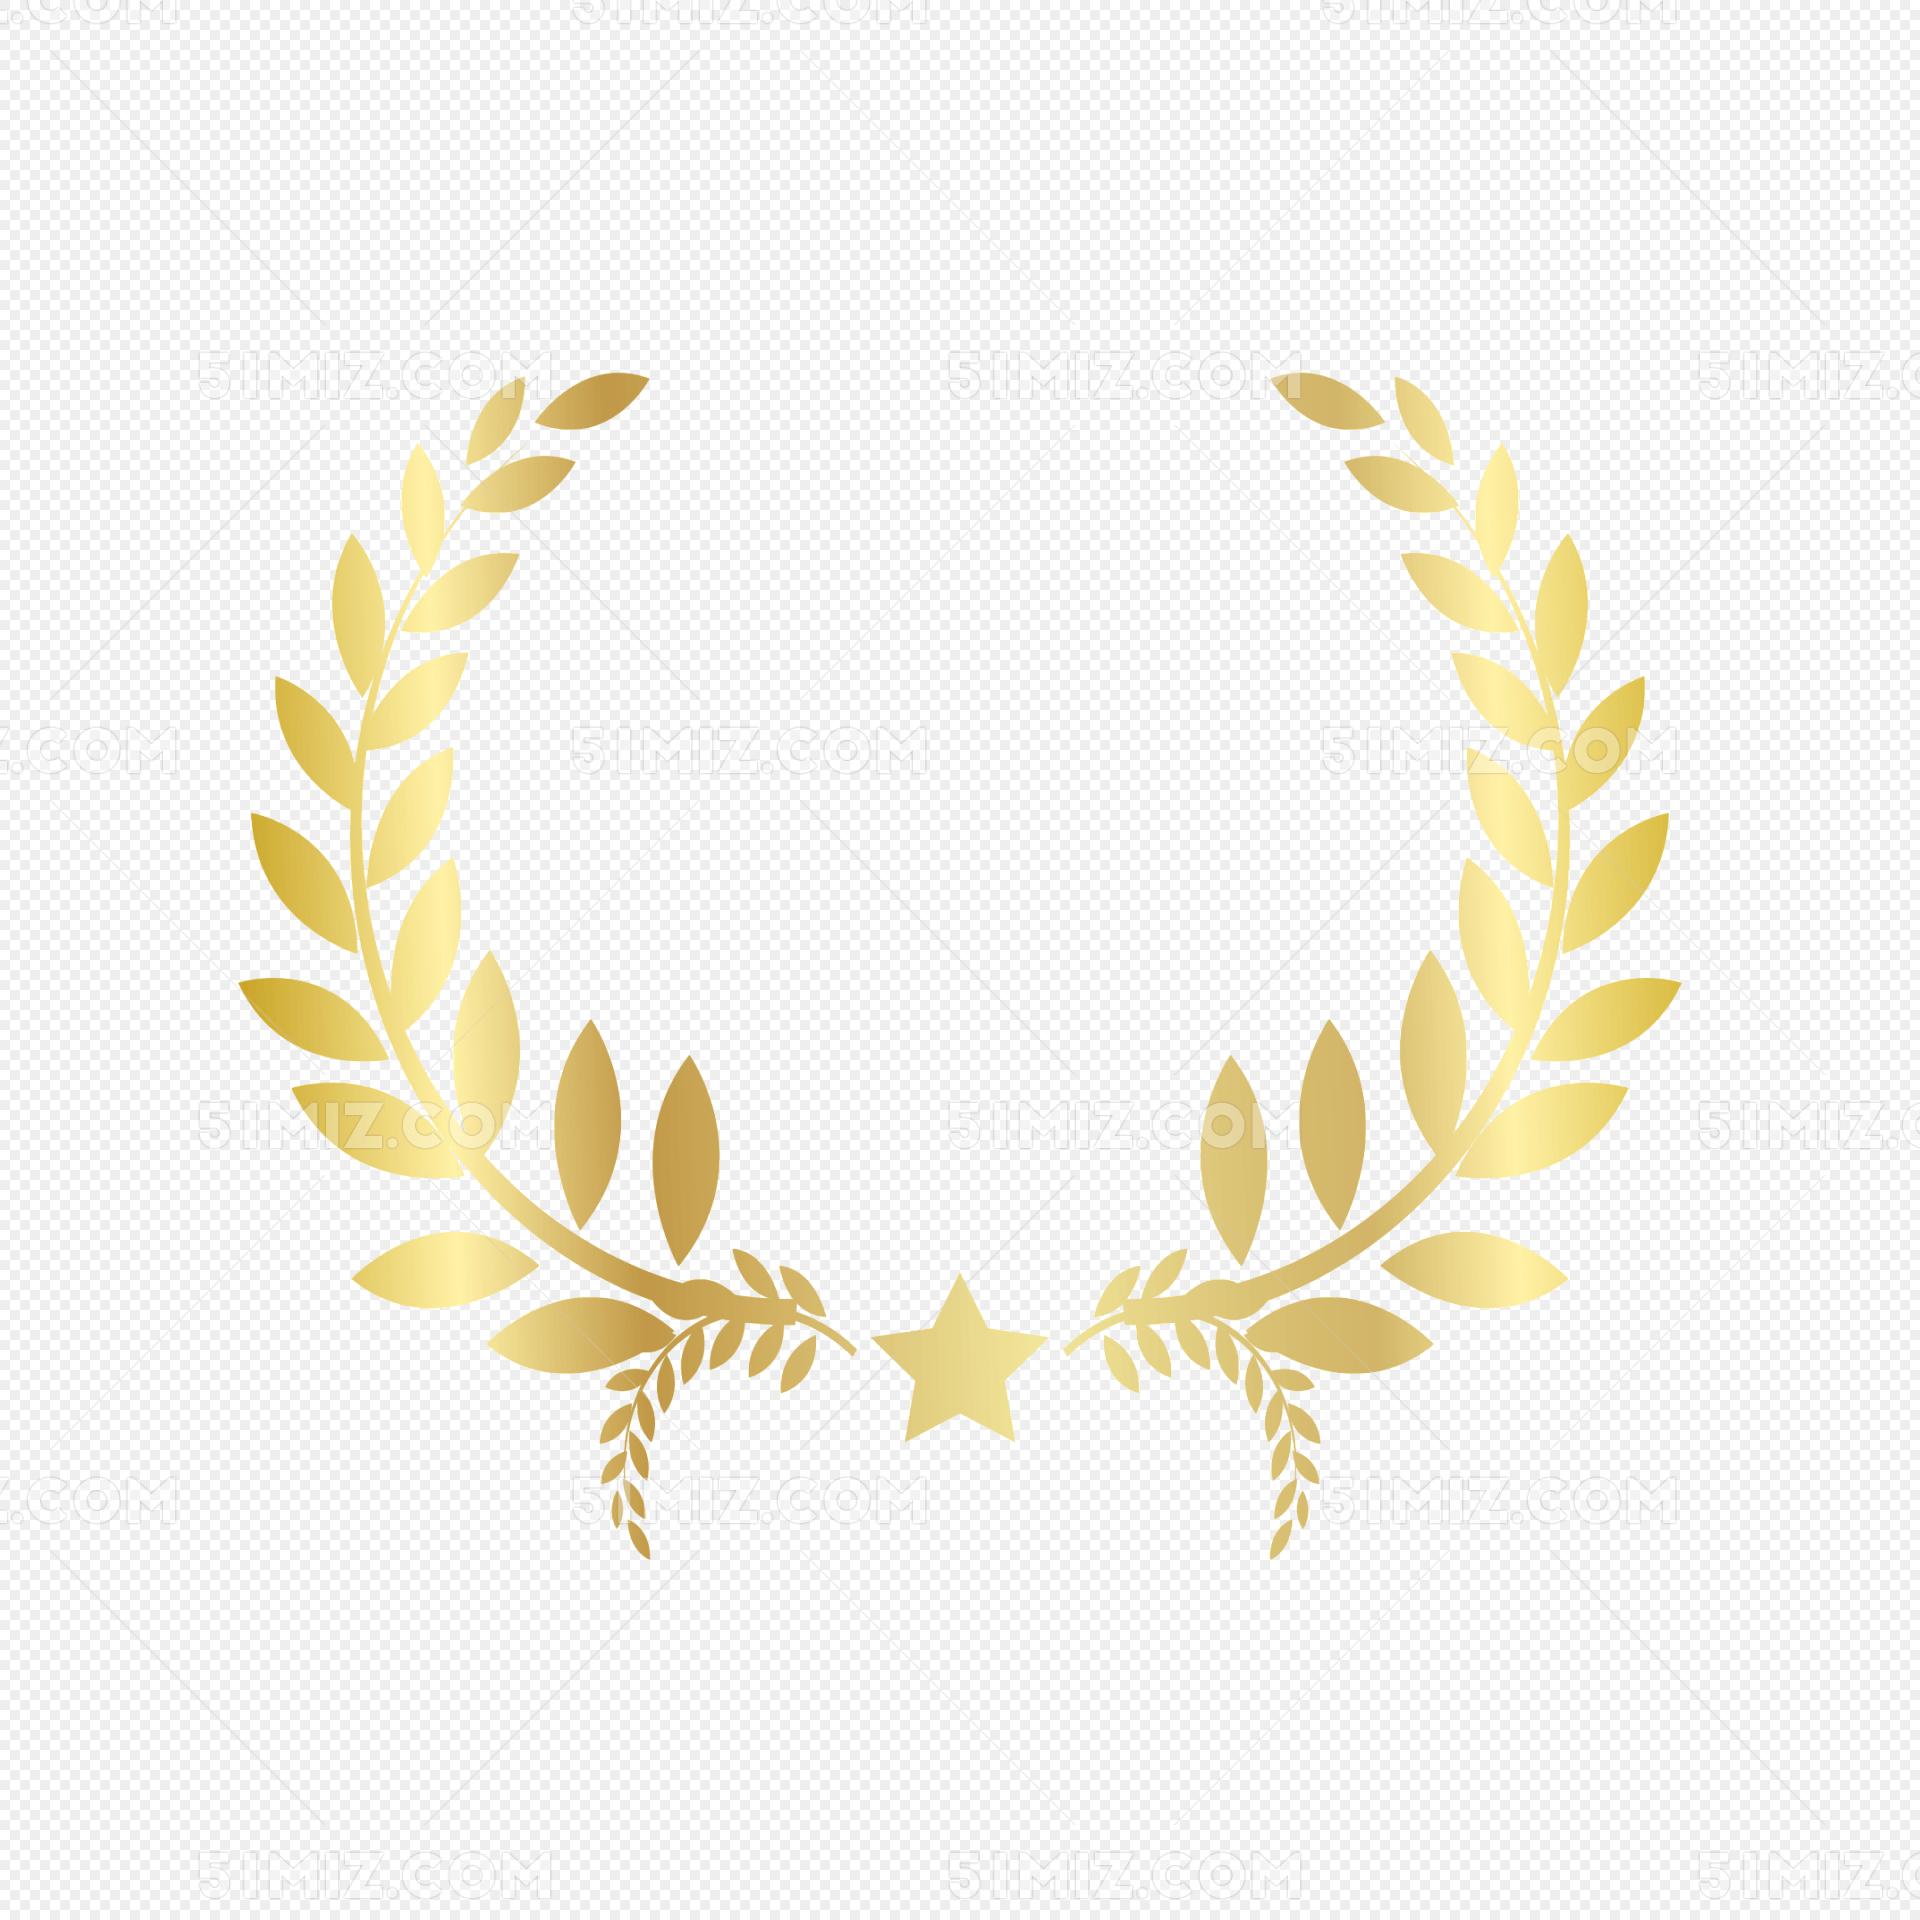 金色渐变麦穗装饰